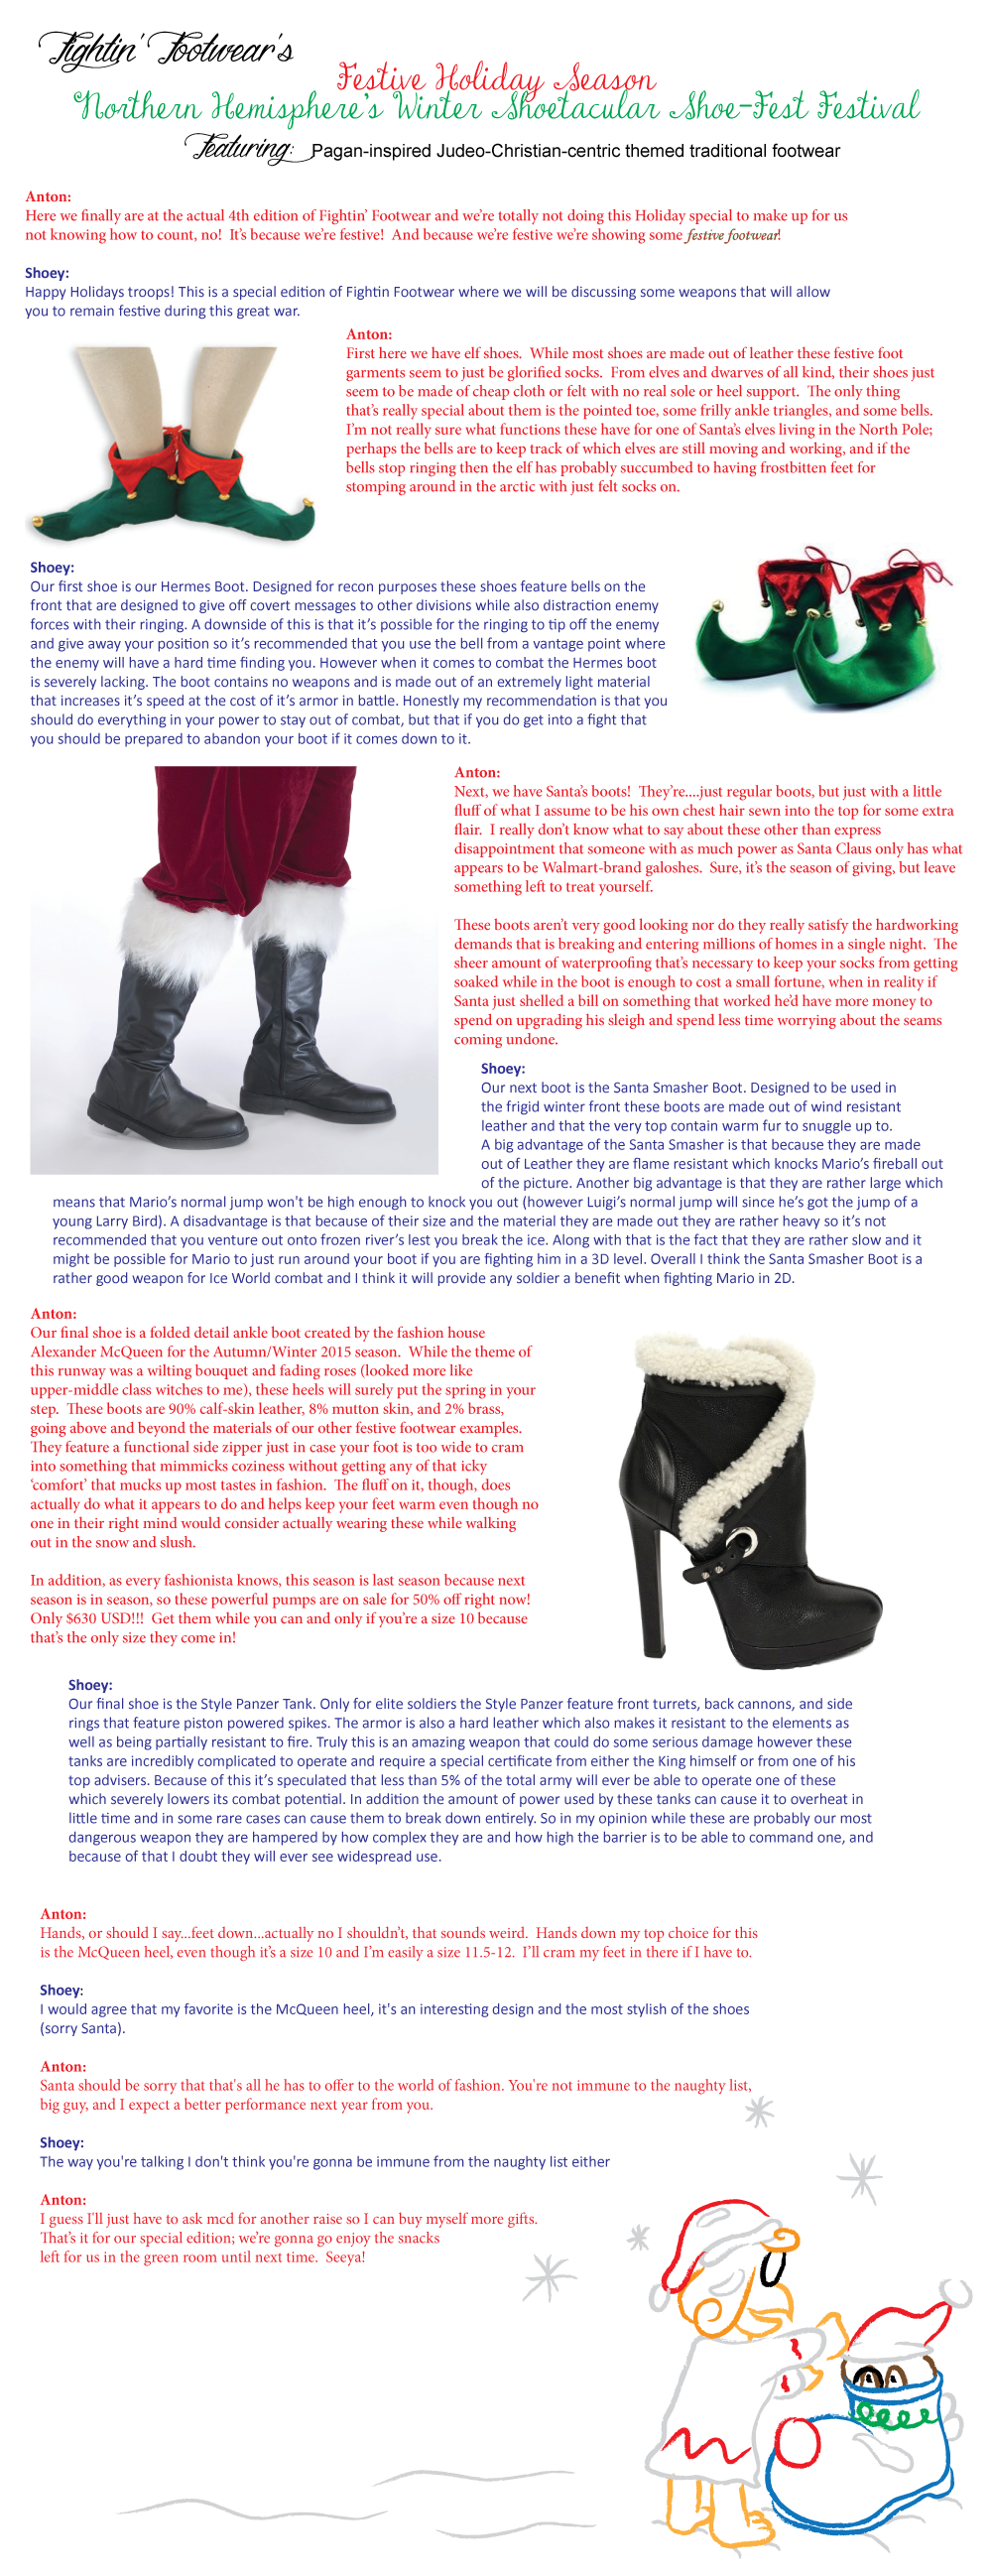 FightinFootwear4.png